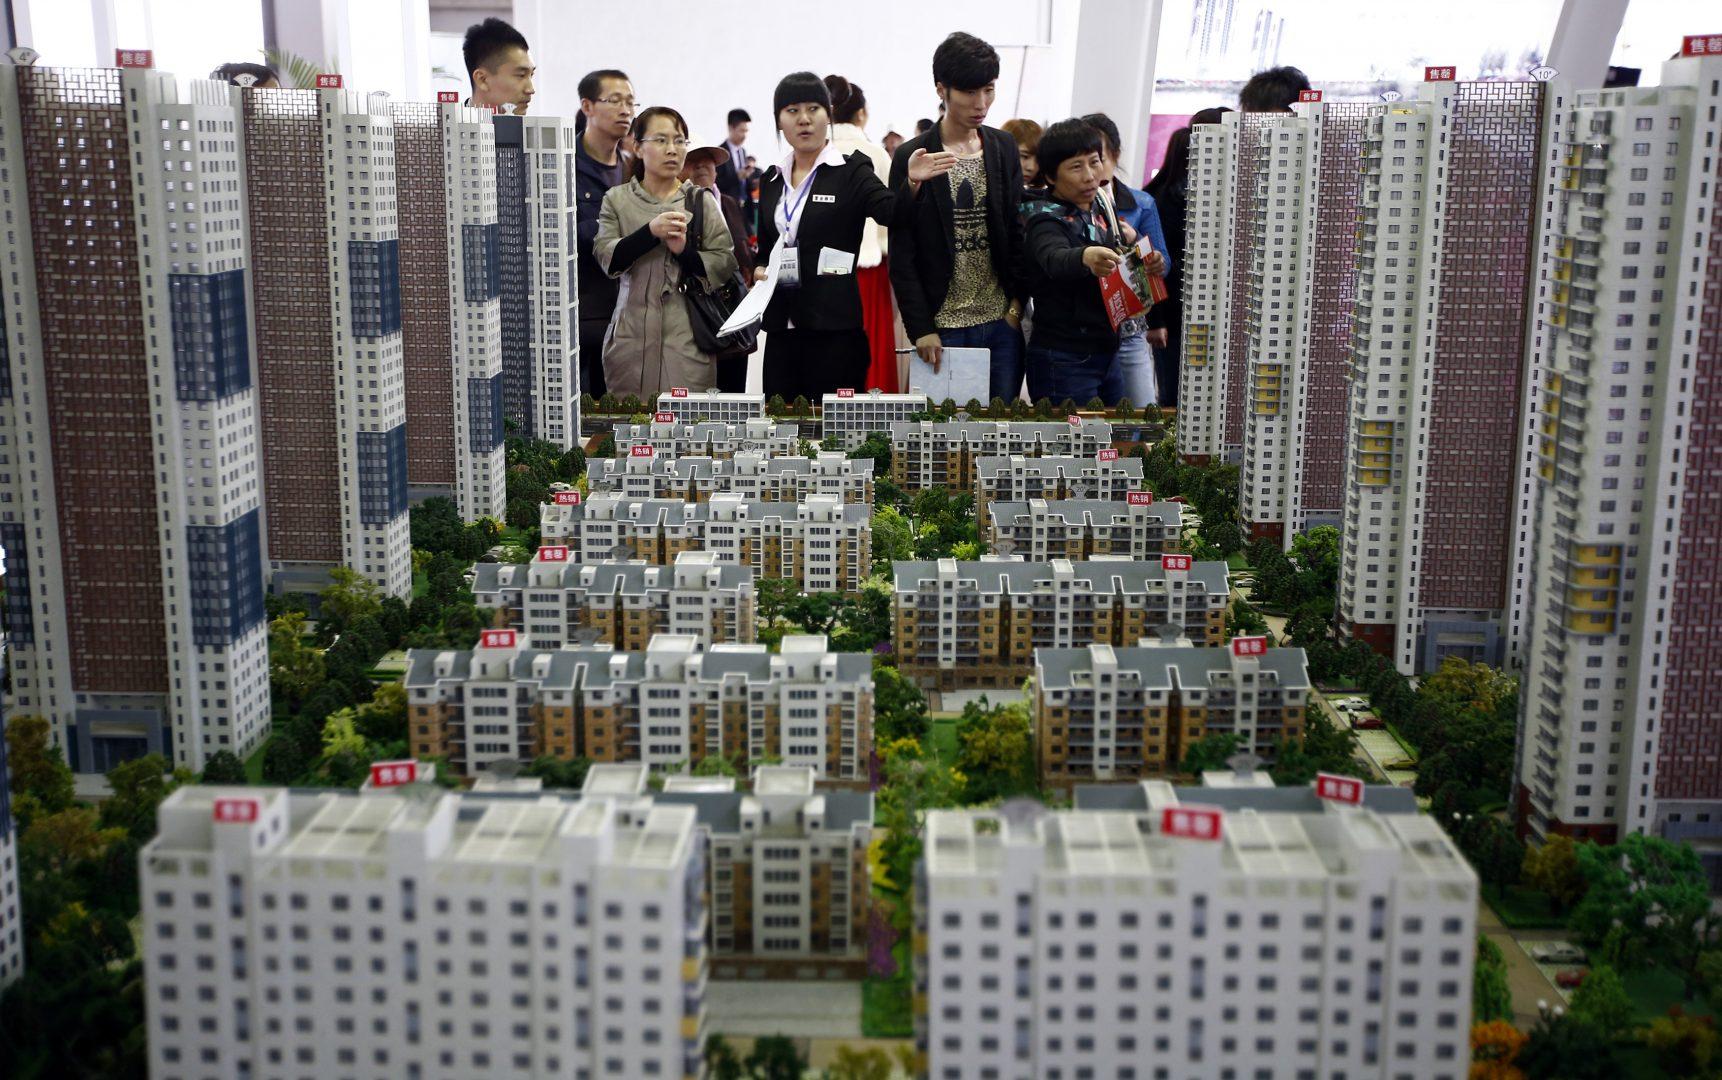 Cina e real estate, nuova bolla immobiliare?